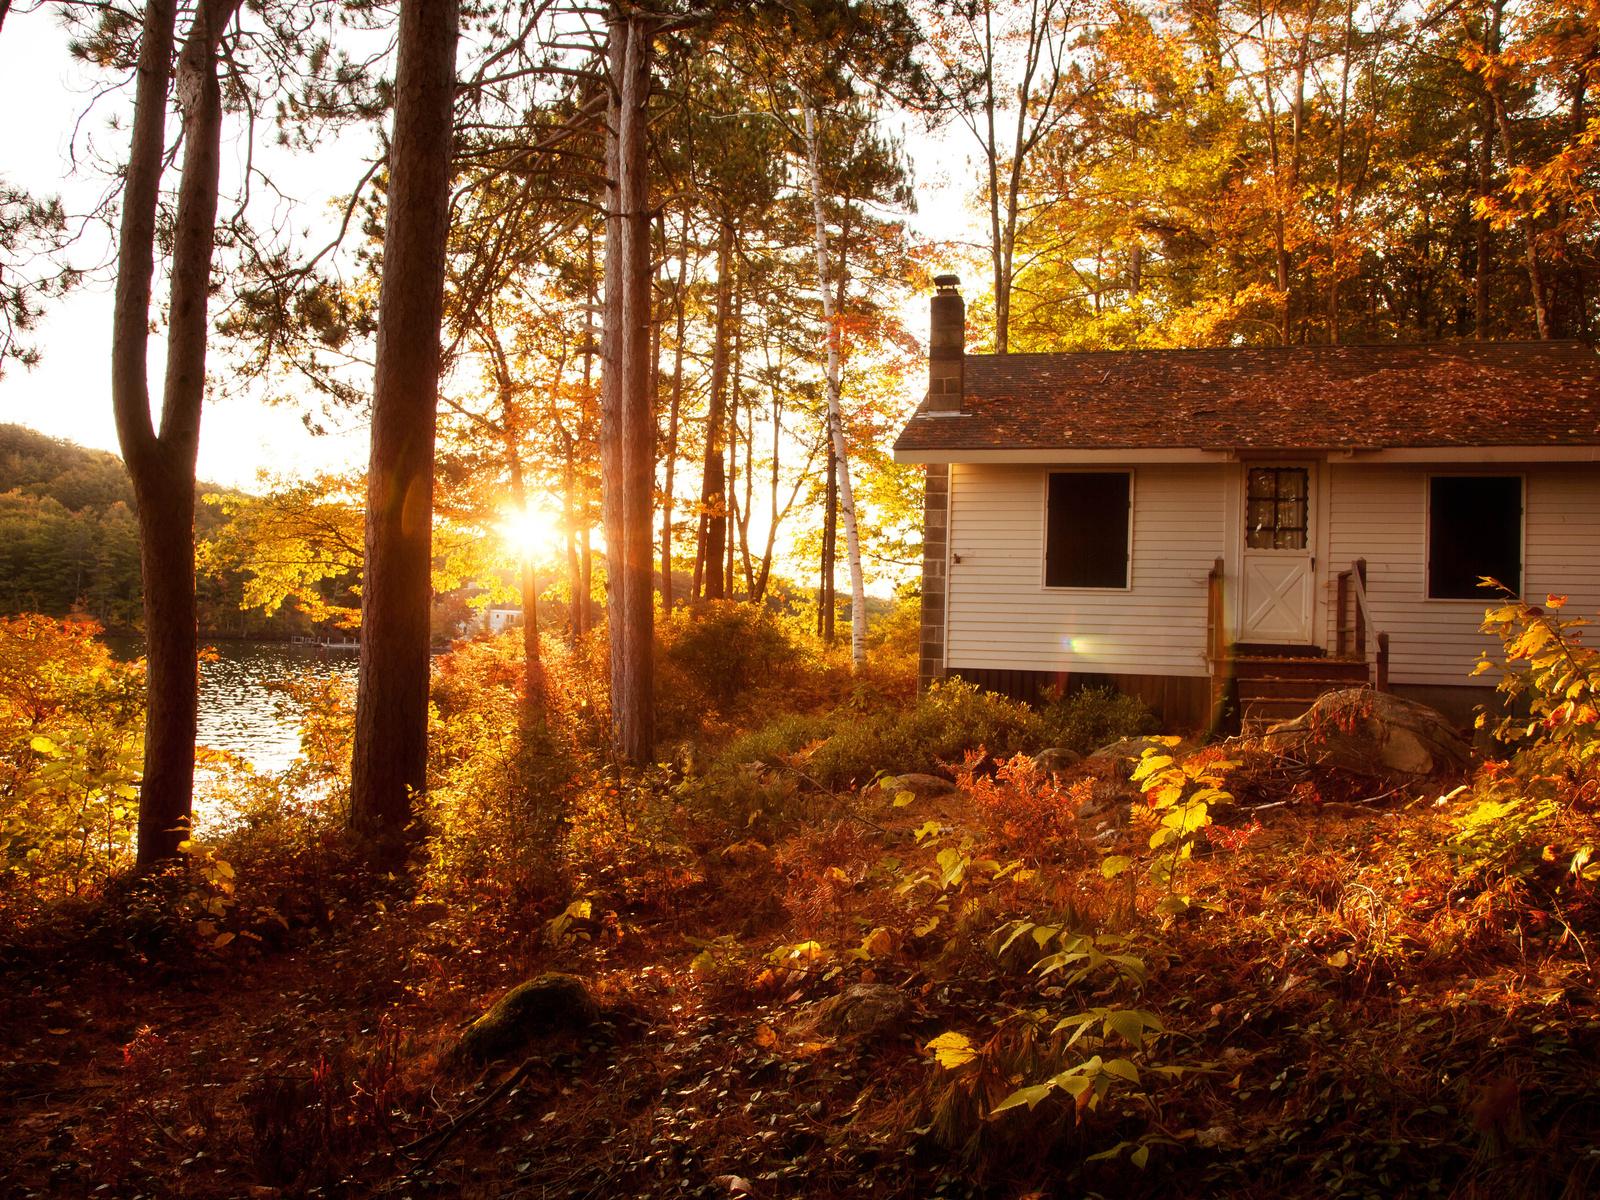 картинки осень на загородном доме кузов